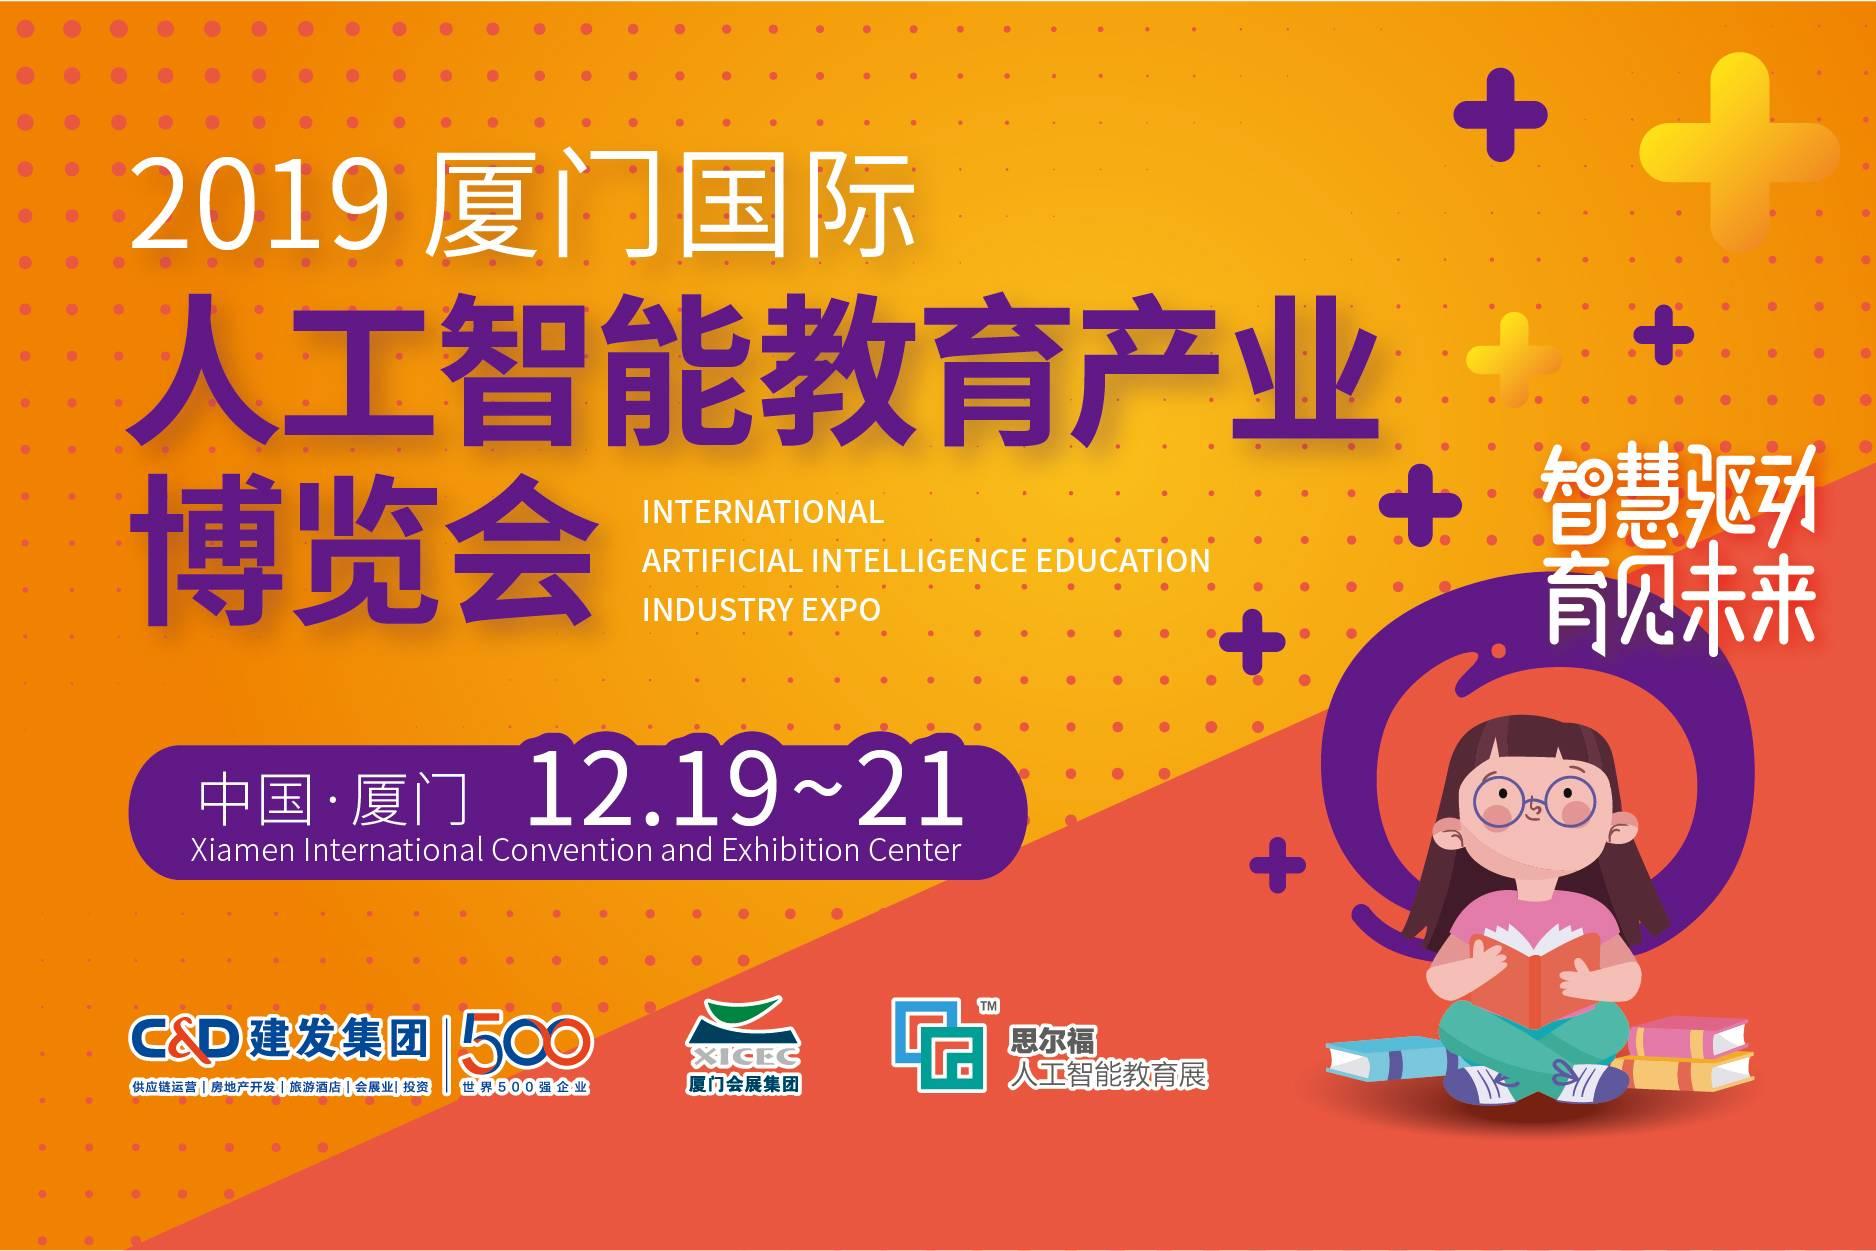 2019中国厦门国际人工智能教育产业博览会